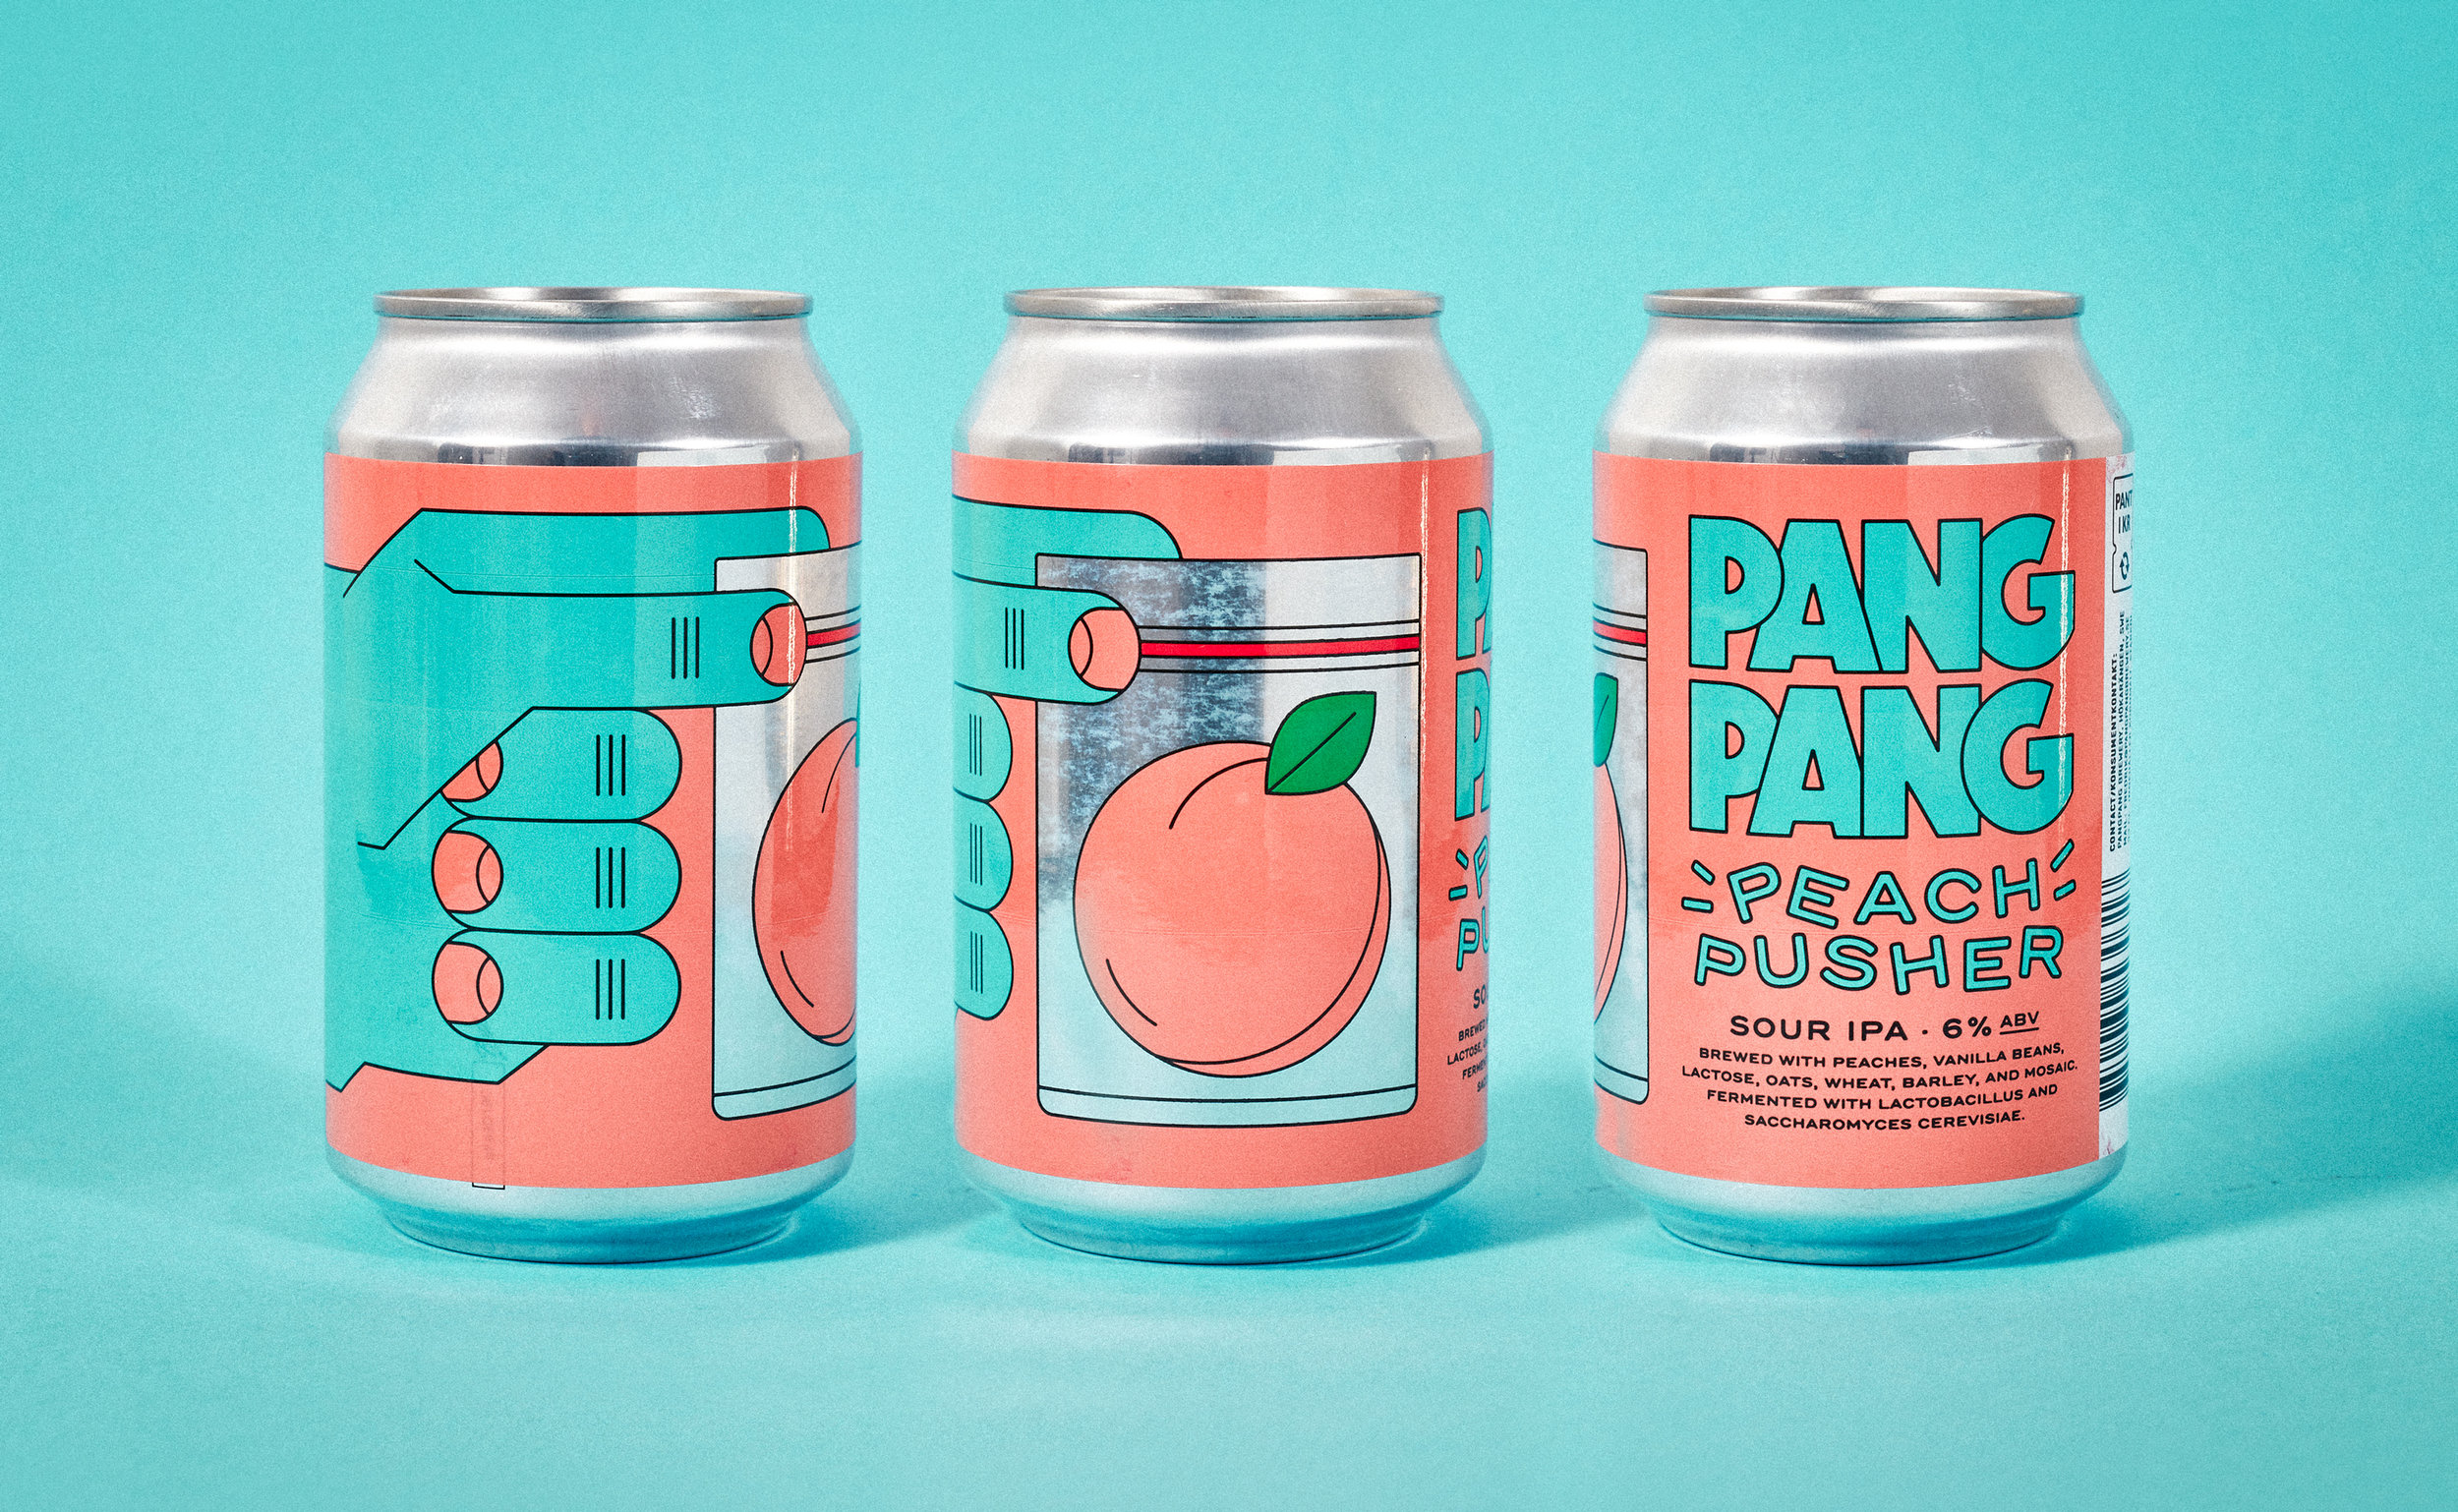 pangpang-peach-pusher_3-burkar_02.jpg